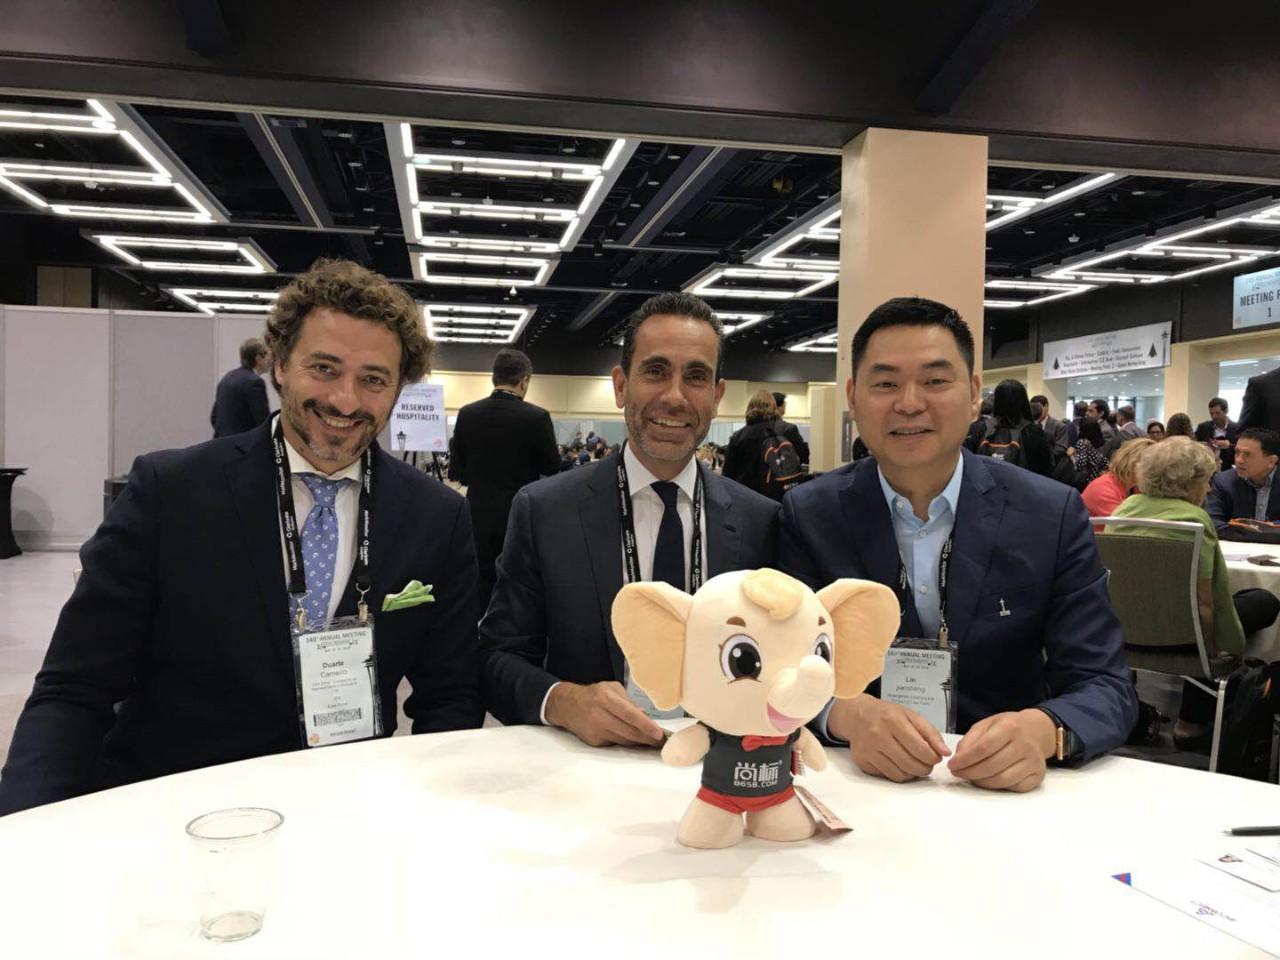 尚标受邀参加第140届国际商标协会年会,为客户在200多个国家申请国际商标